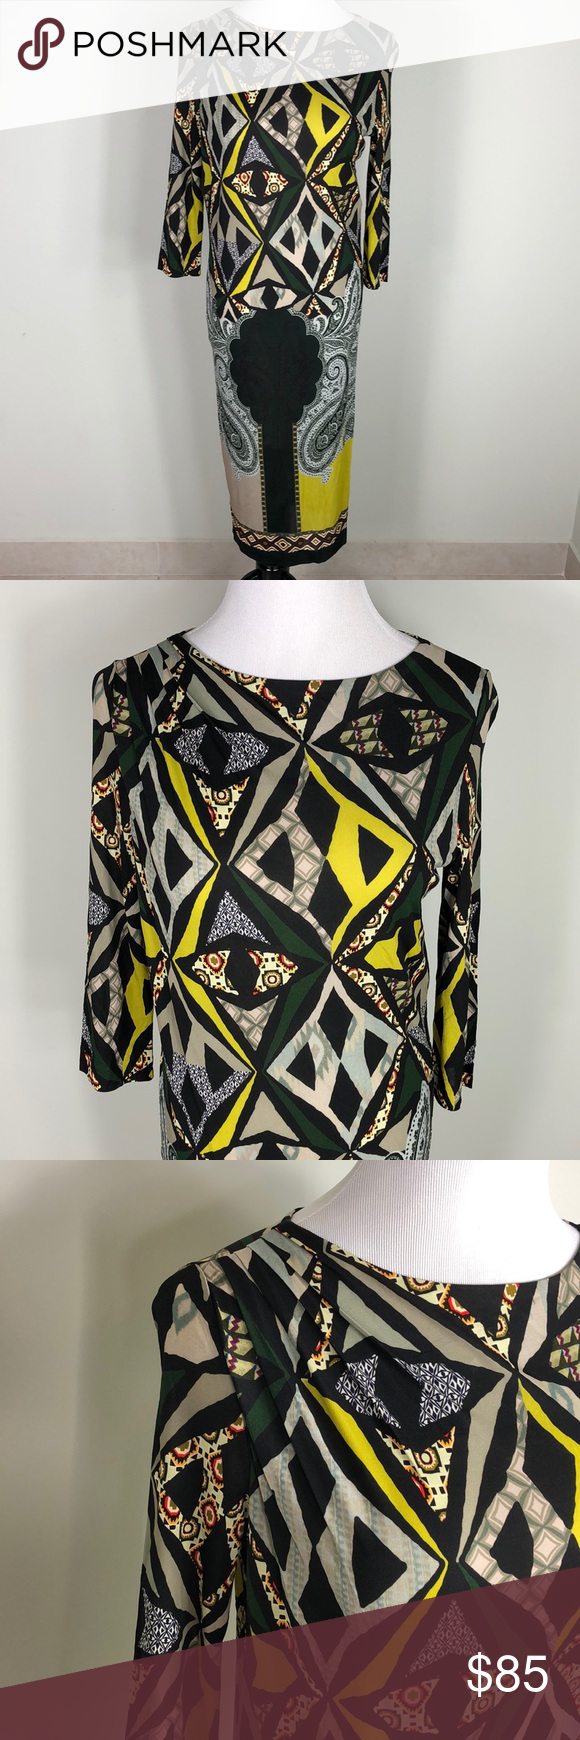 Spotted while shopping on Poshmark: Women's long Etro dress sz 42! #poshmark #fashion #shopping #style #Etro #Dresses & Skirts